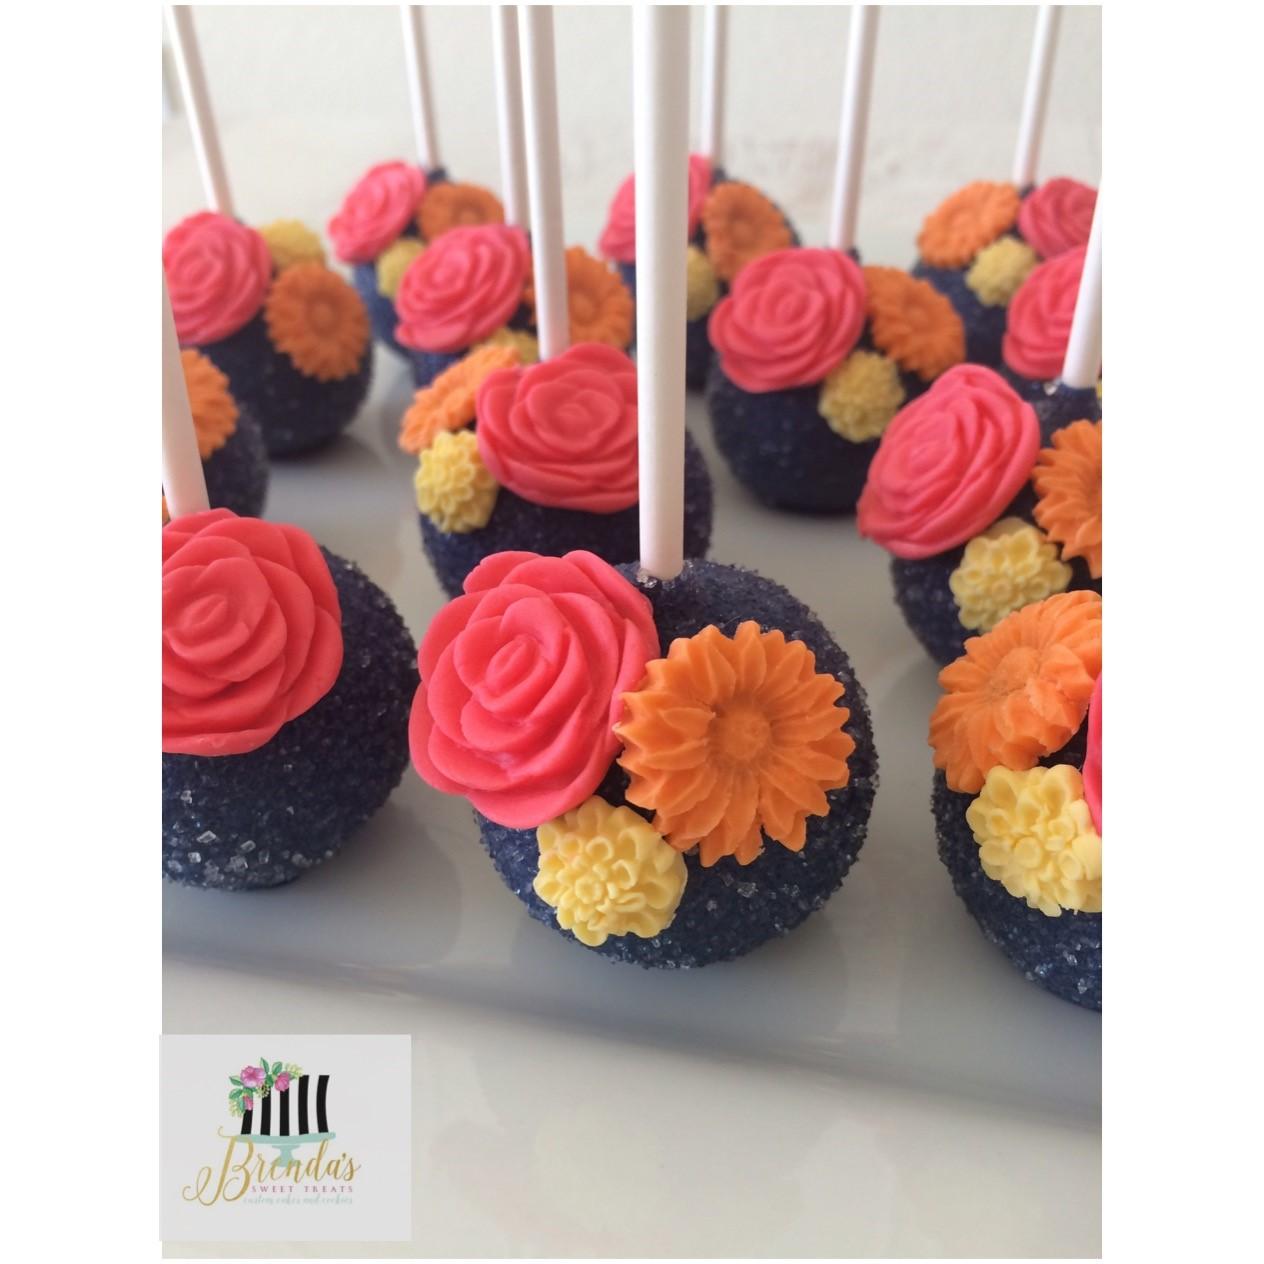 fiesta inspired cakepops